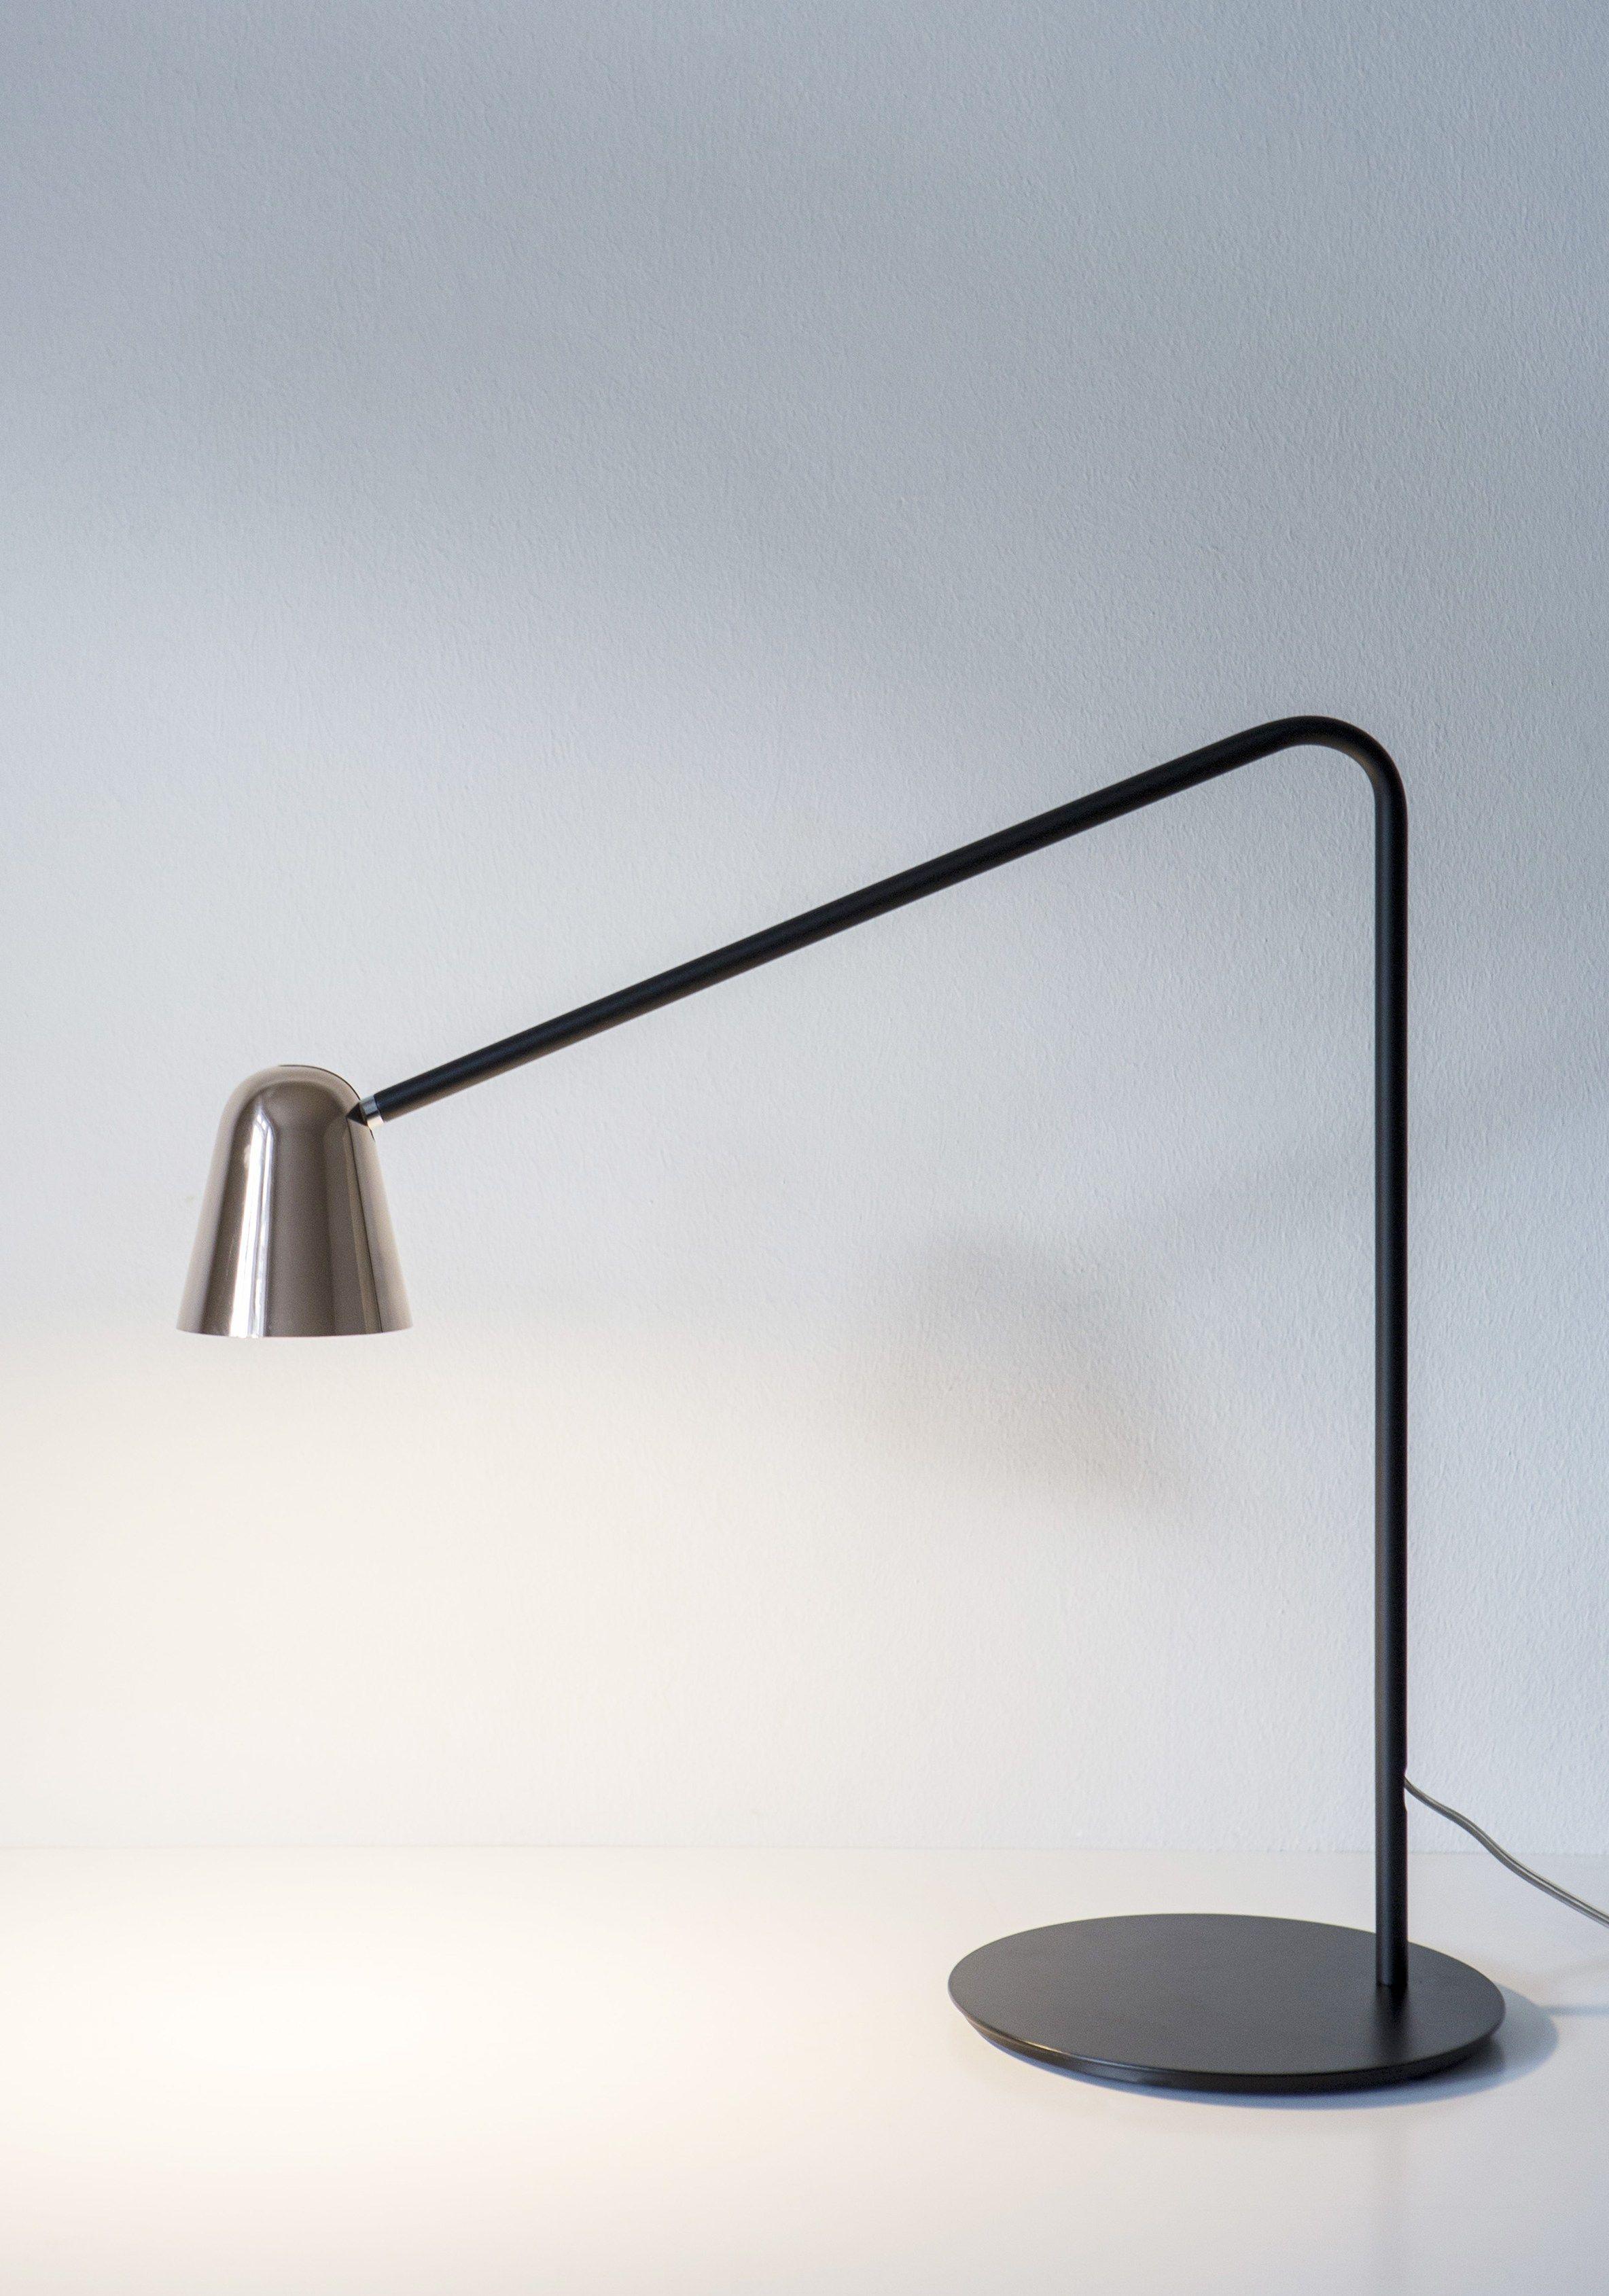 Chaplin lampada da scrivania in metallo by formagenda - Lampada da scrivania design ...